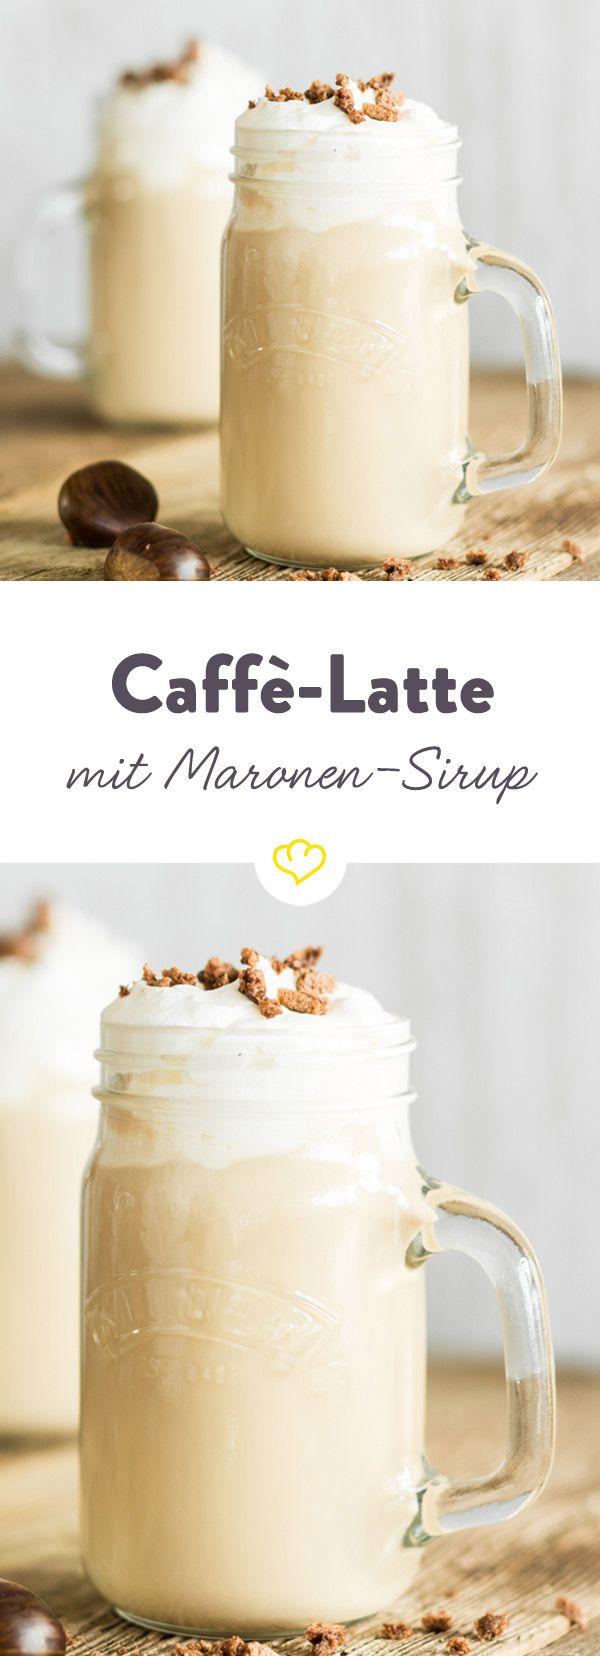 Diese kleine Kaffeeköstlichkeit aus Maronen-Sirup, aufgeschäumter Milch und Espresso versüßt dir jeden regnerischen, nasskalten Tag.